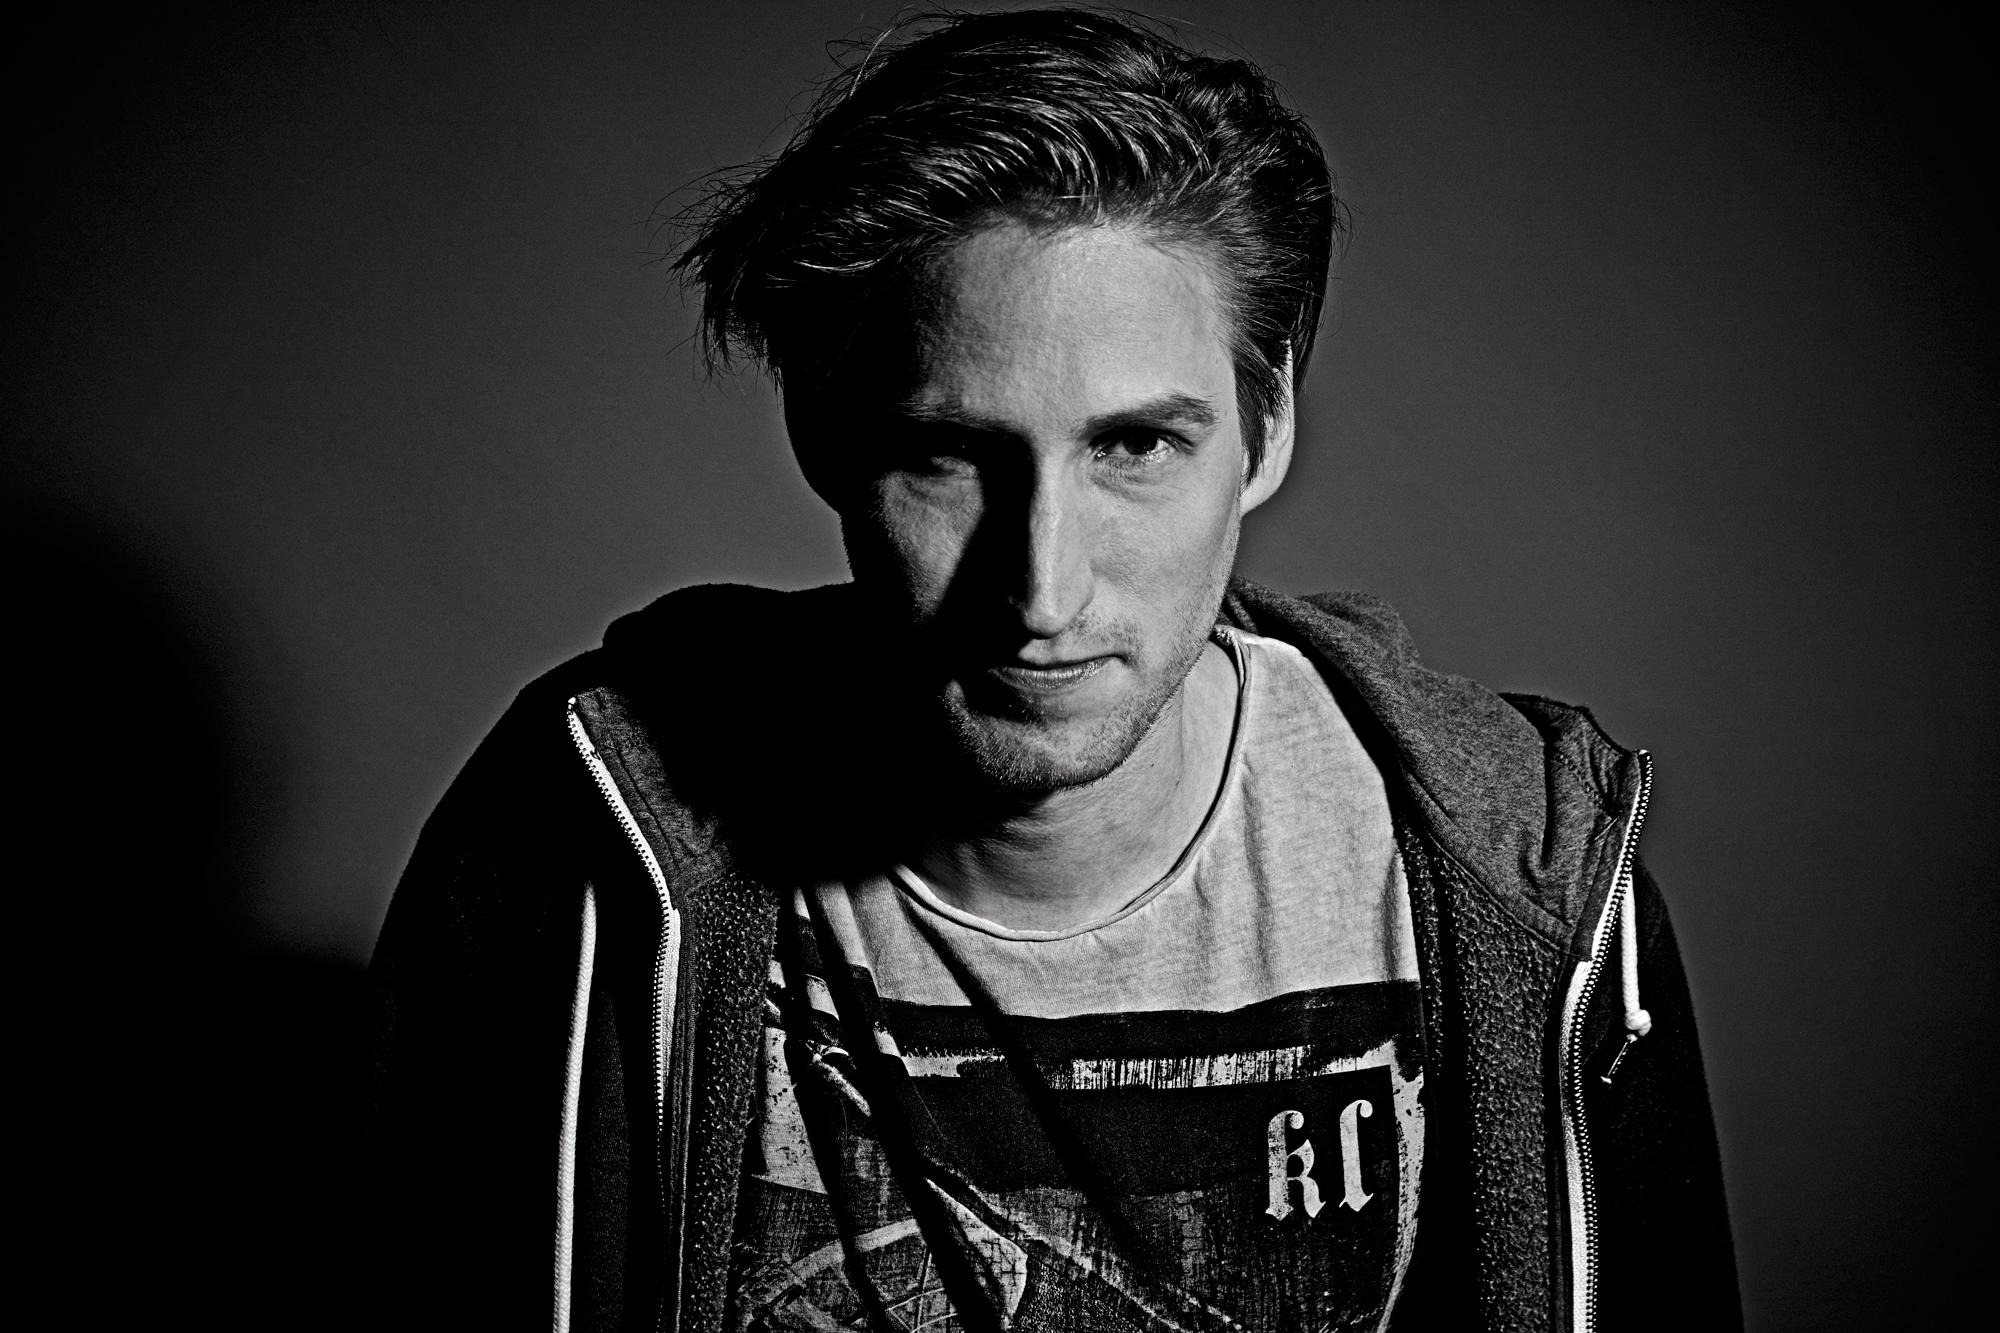 Ben - Photo: Markus Jäger